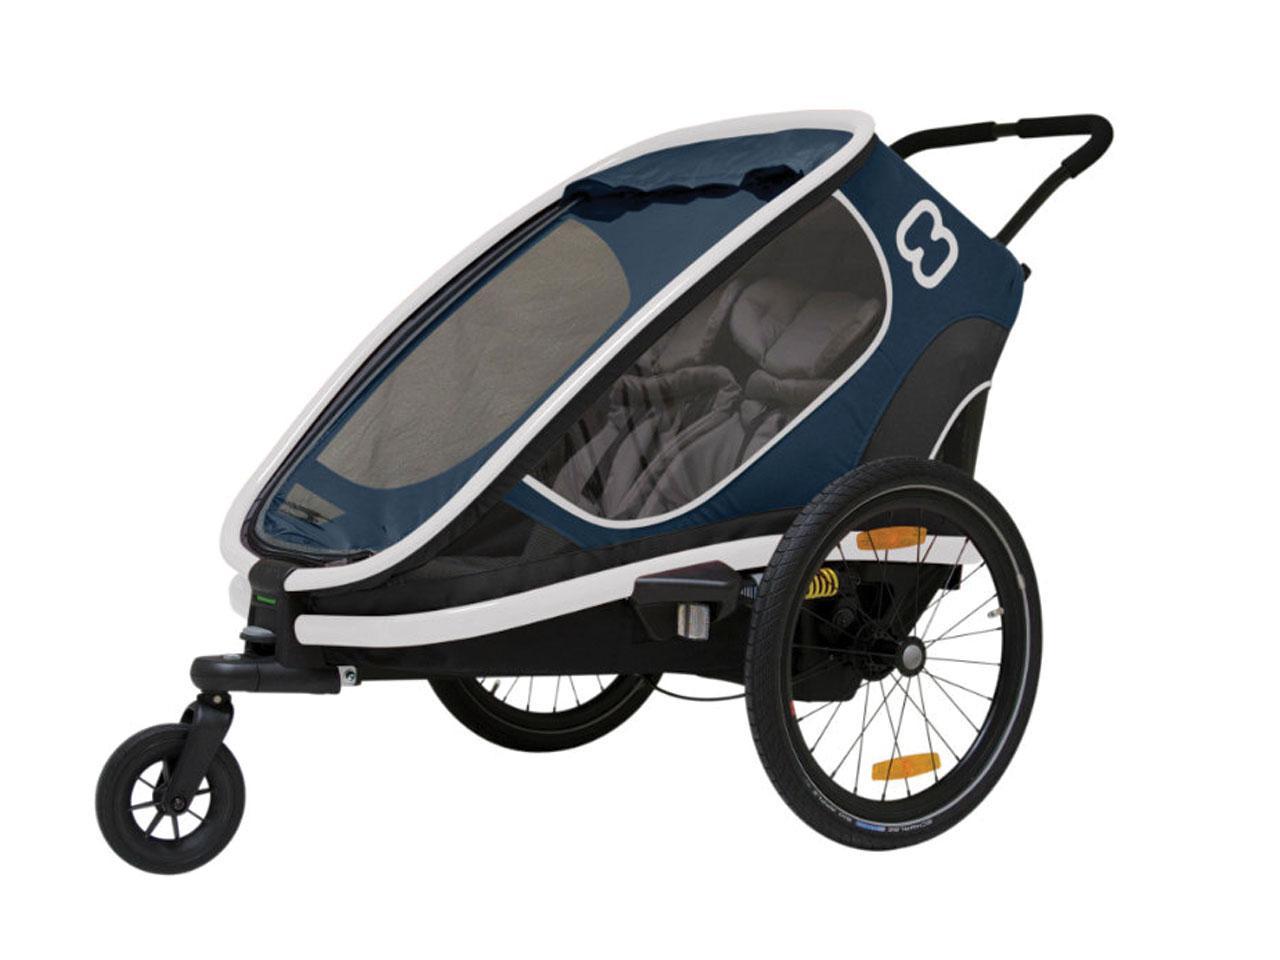 Cyklistický vozík HAMAX Outback 2in1, námořnická blue + AKCE CASHBACK 10%